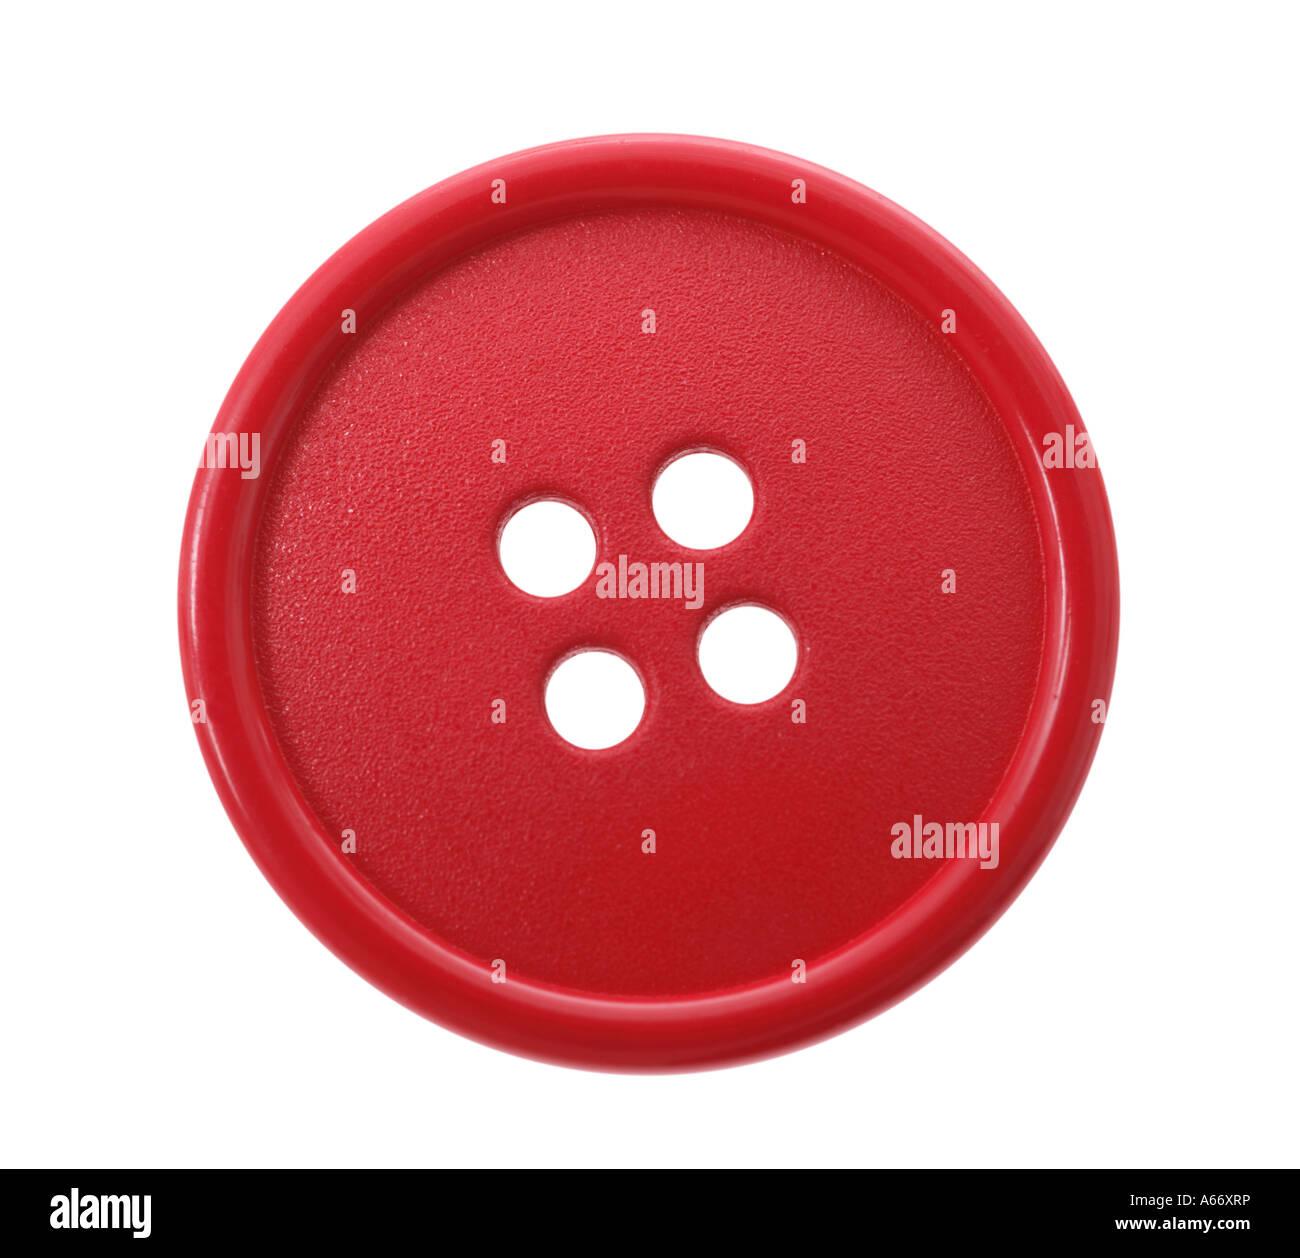 Cortar el botón rojo sobre fondo blanco. Imagen De Stock